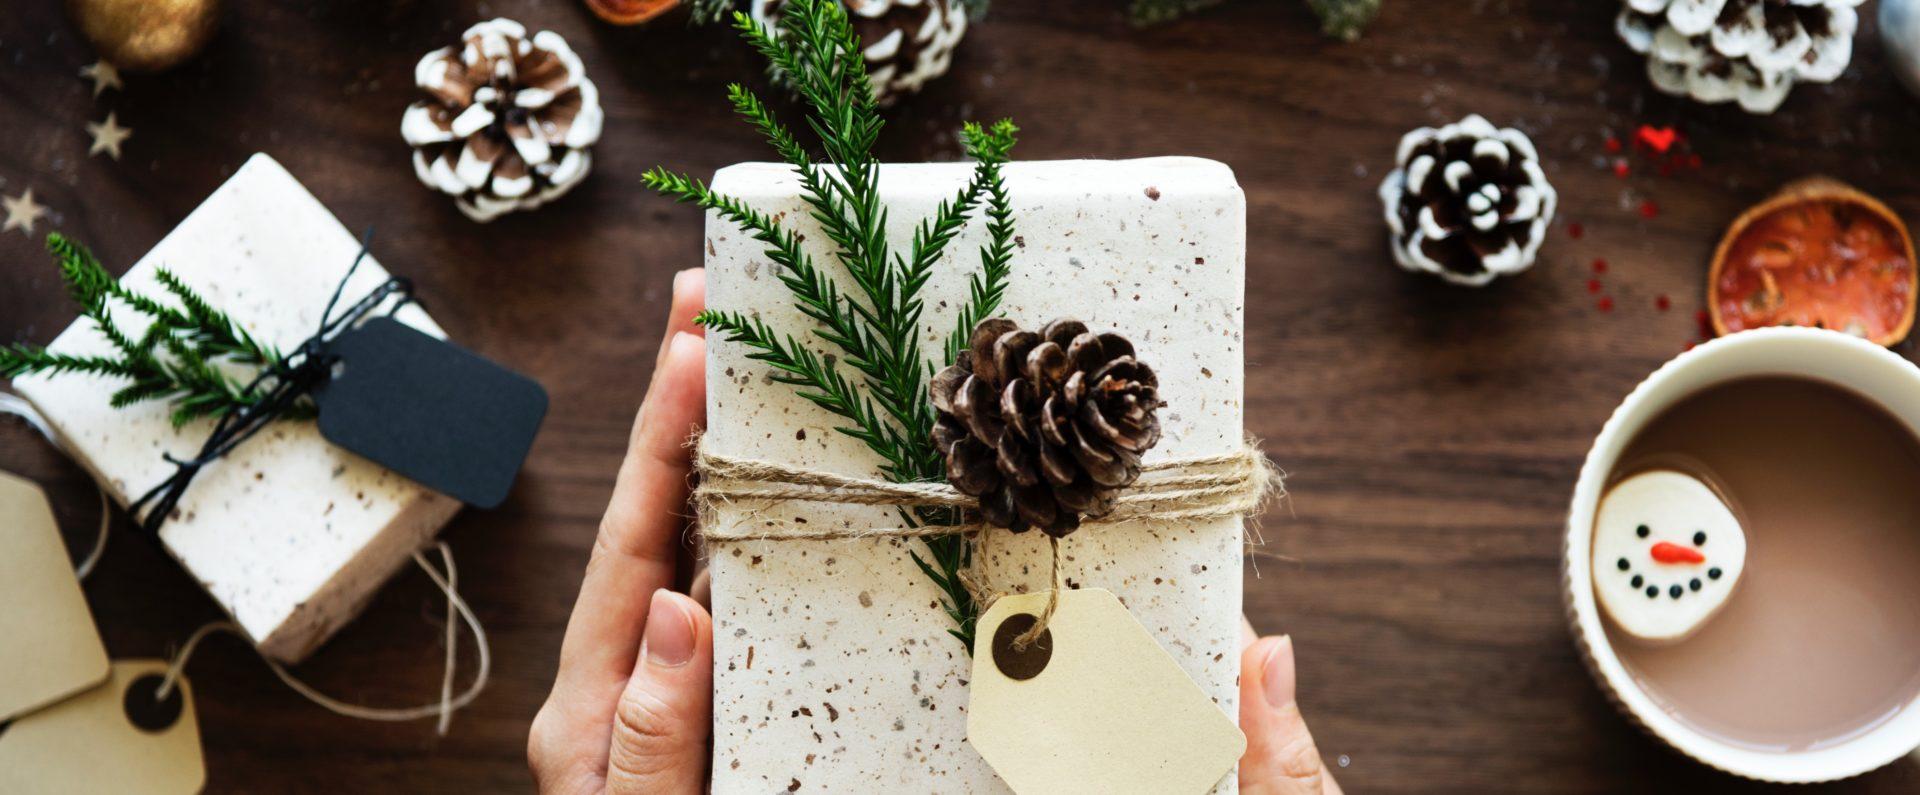 weihnachten gelassenheit statt perfektion